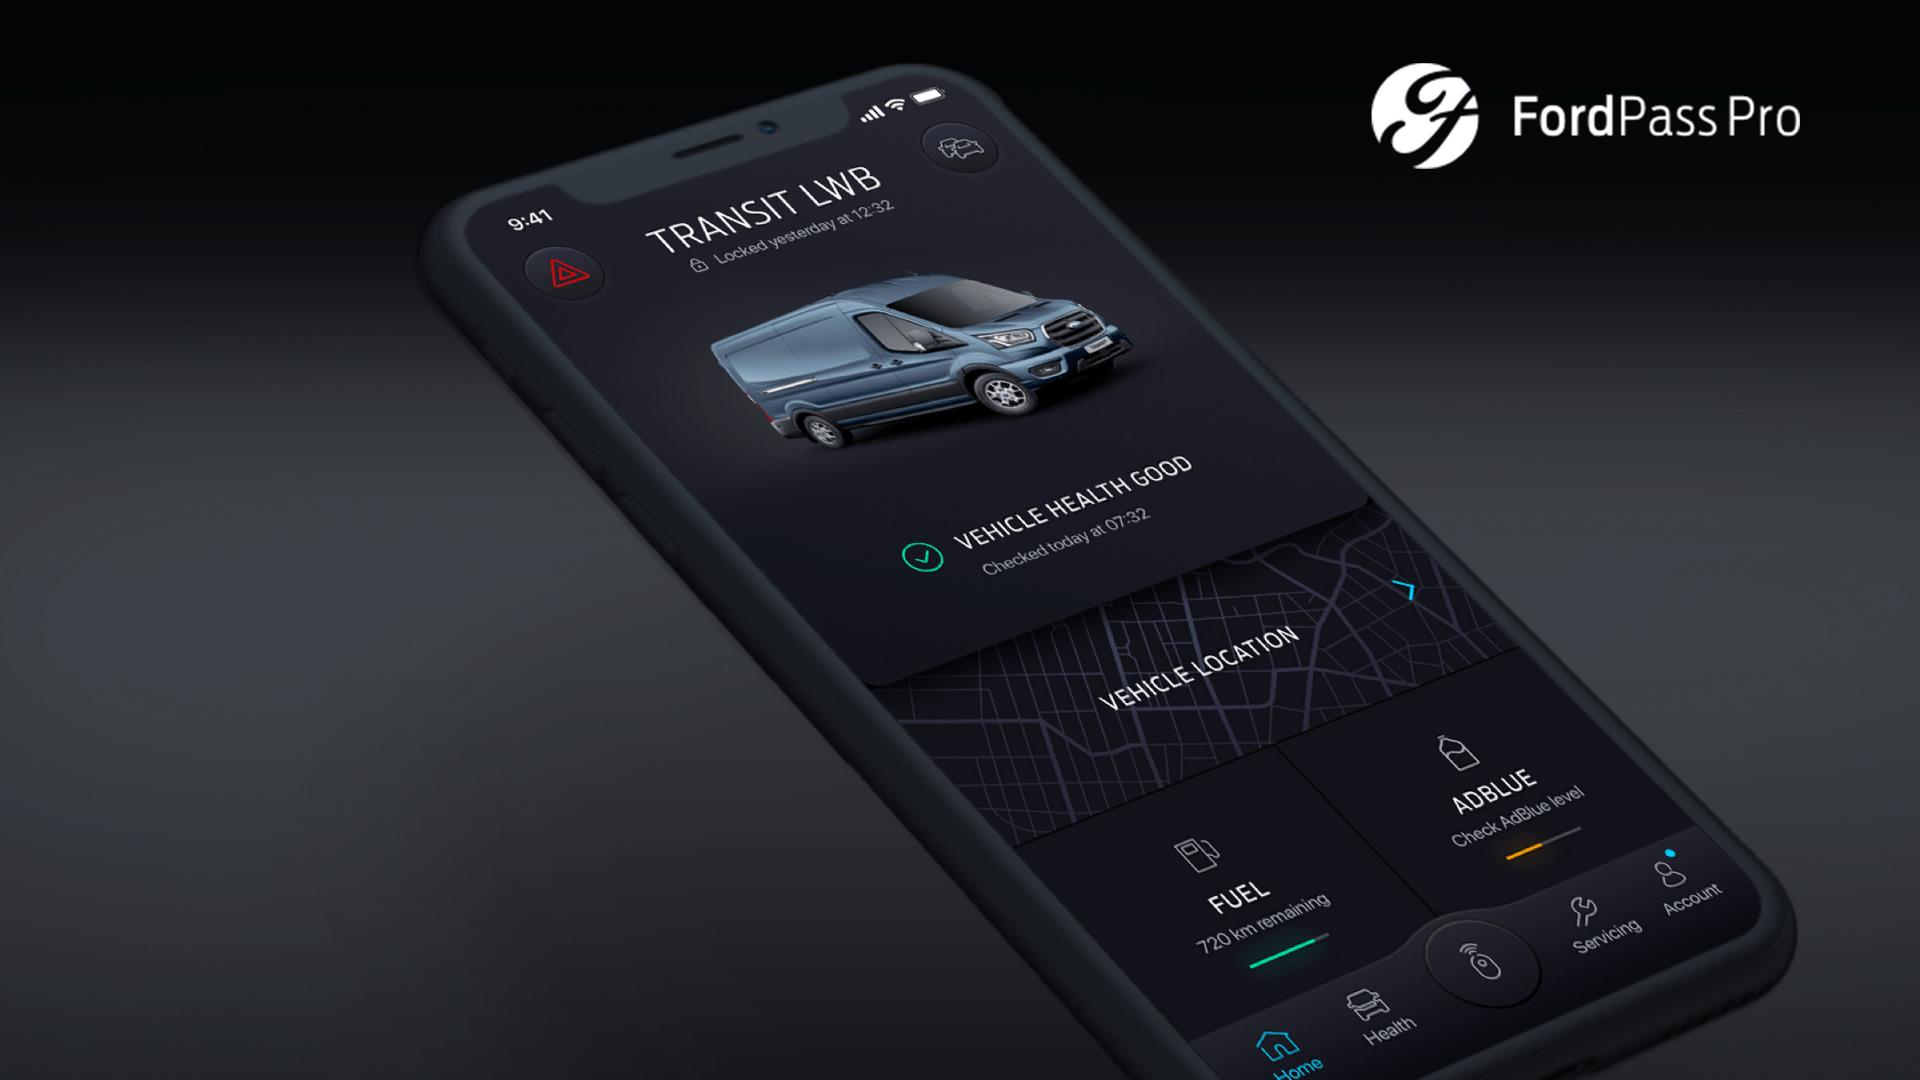 Νέα εφαρμογή της FordPass Pro συνδέει τους ιδιοκτήτες μικρών επιχειρήσεων με τα οχήματά τους